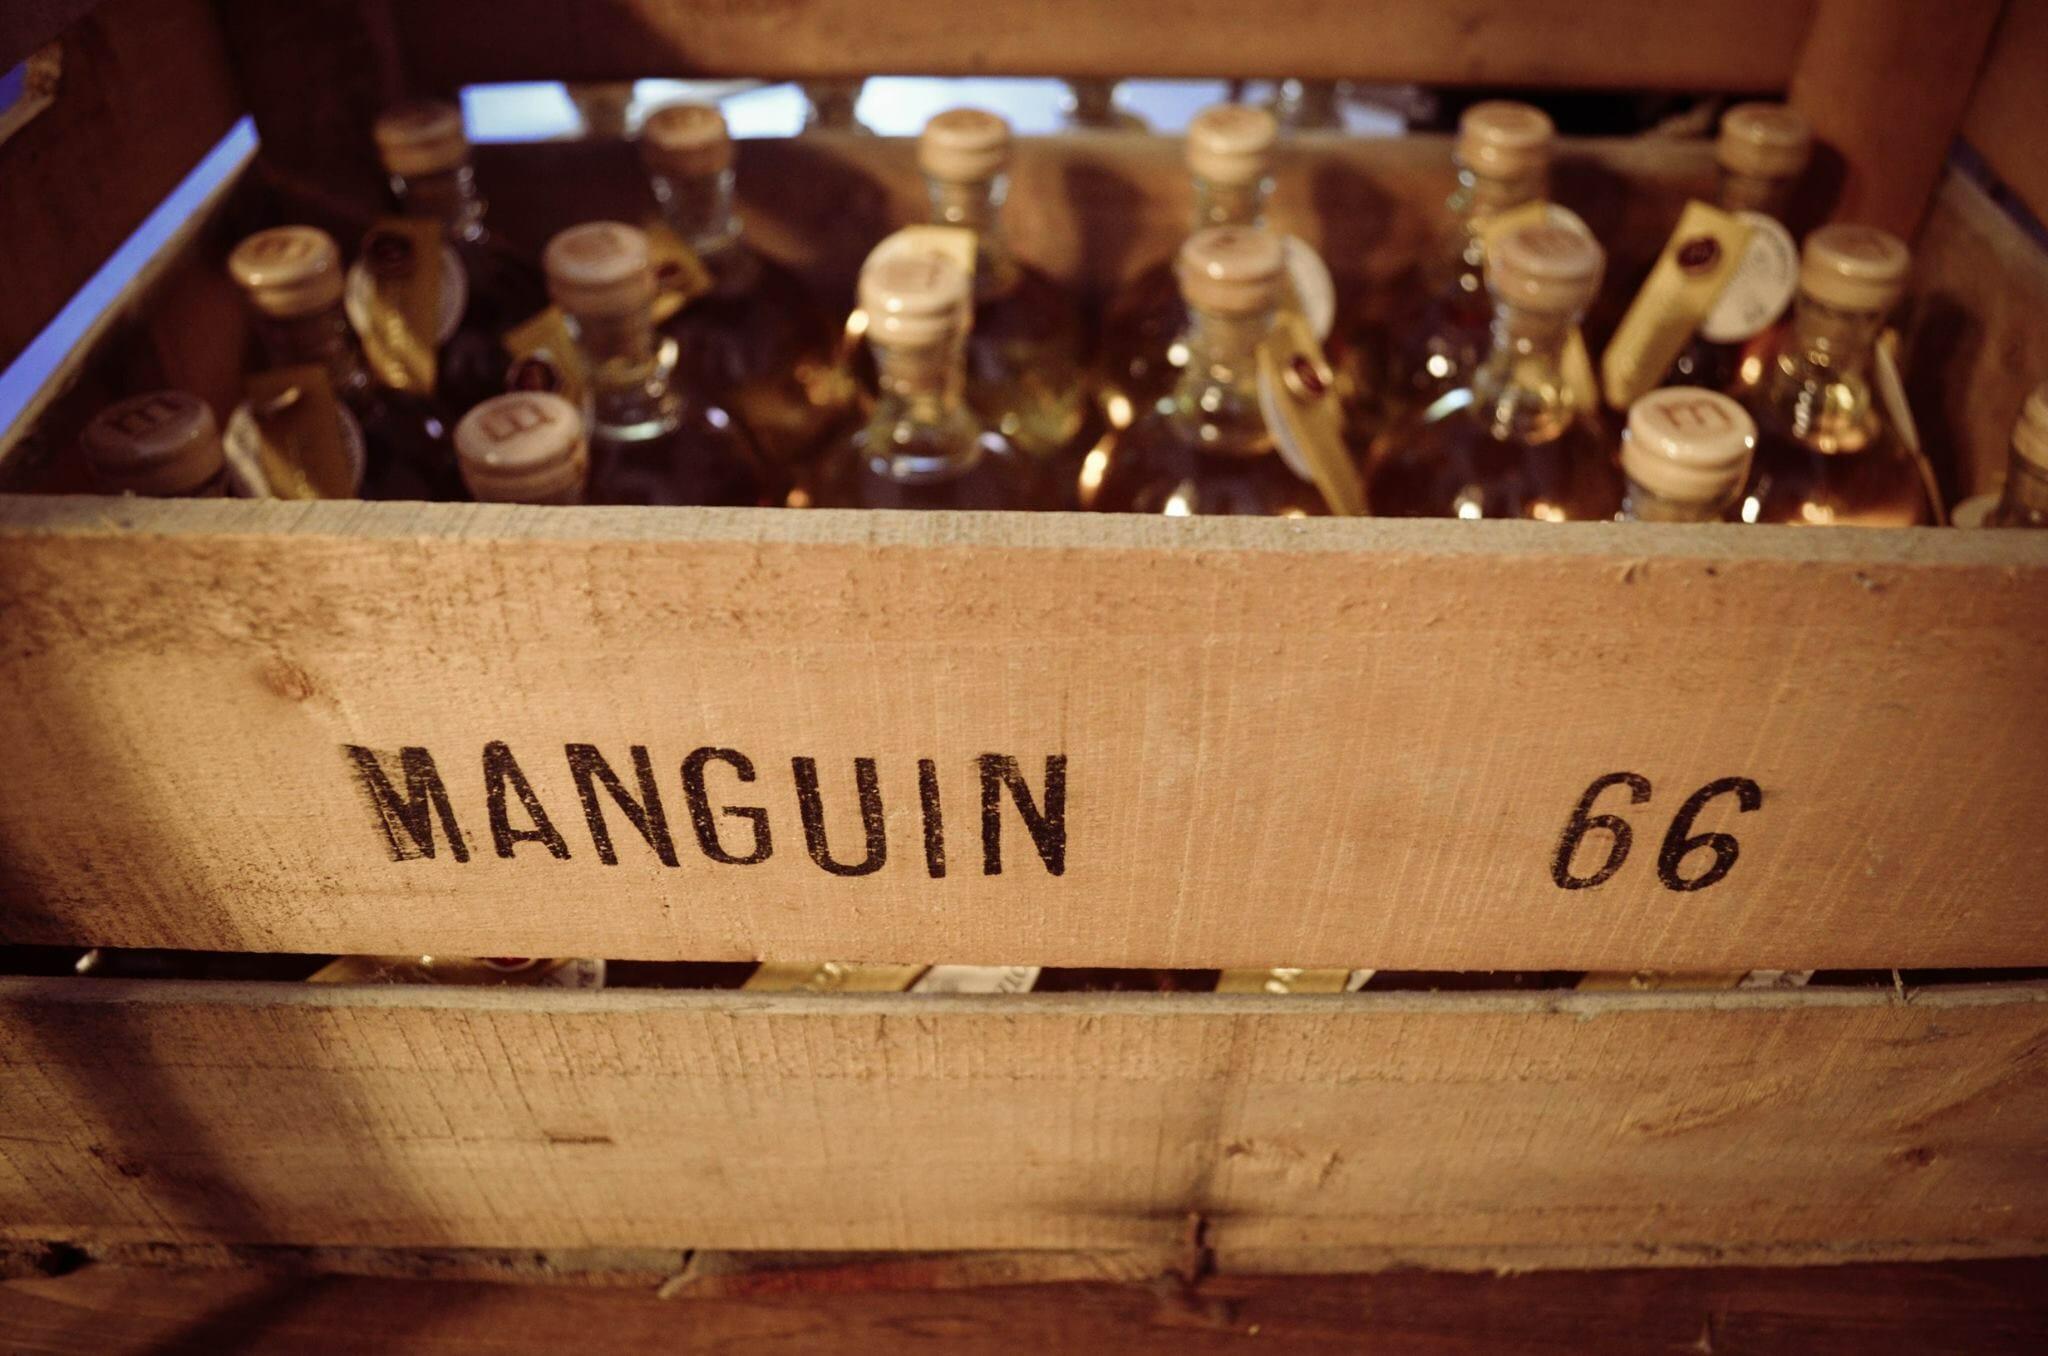 Manguin